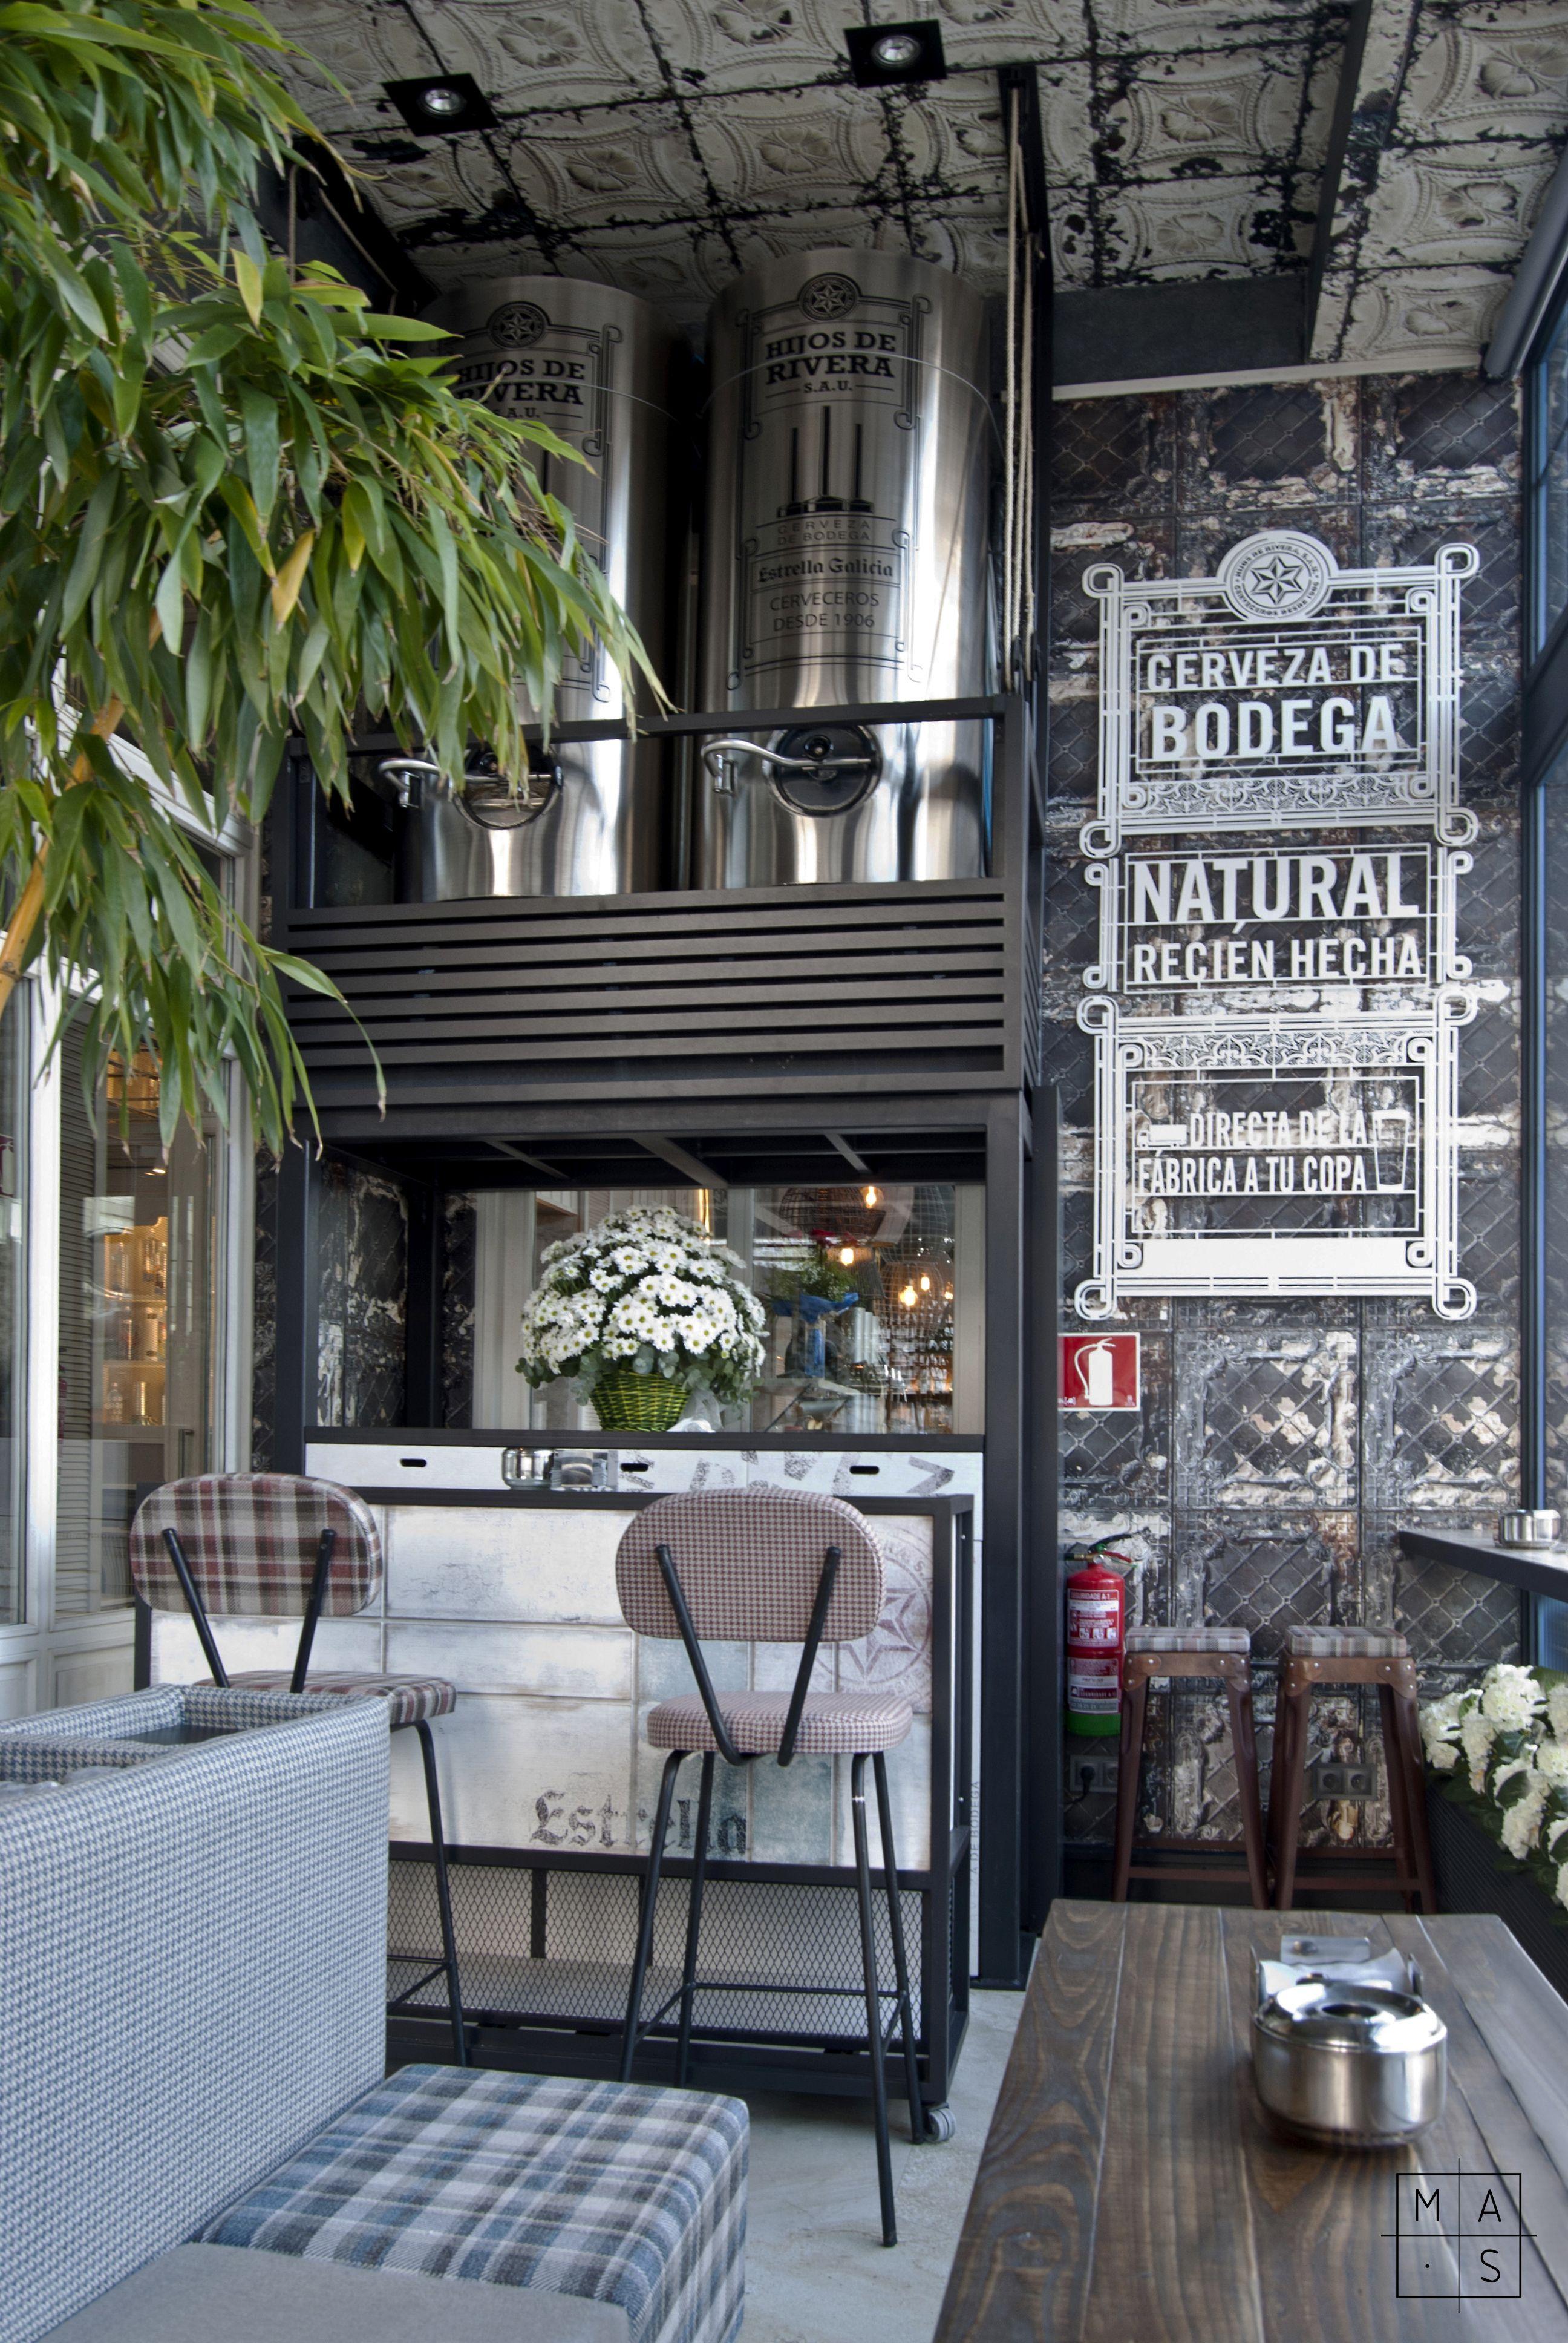 Bogart baar proyecto de interiorismo y dise o de mobiliario por mas arquitectura - Interiorismo y diseno ...